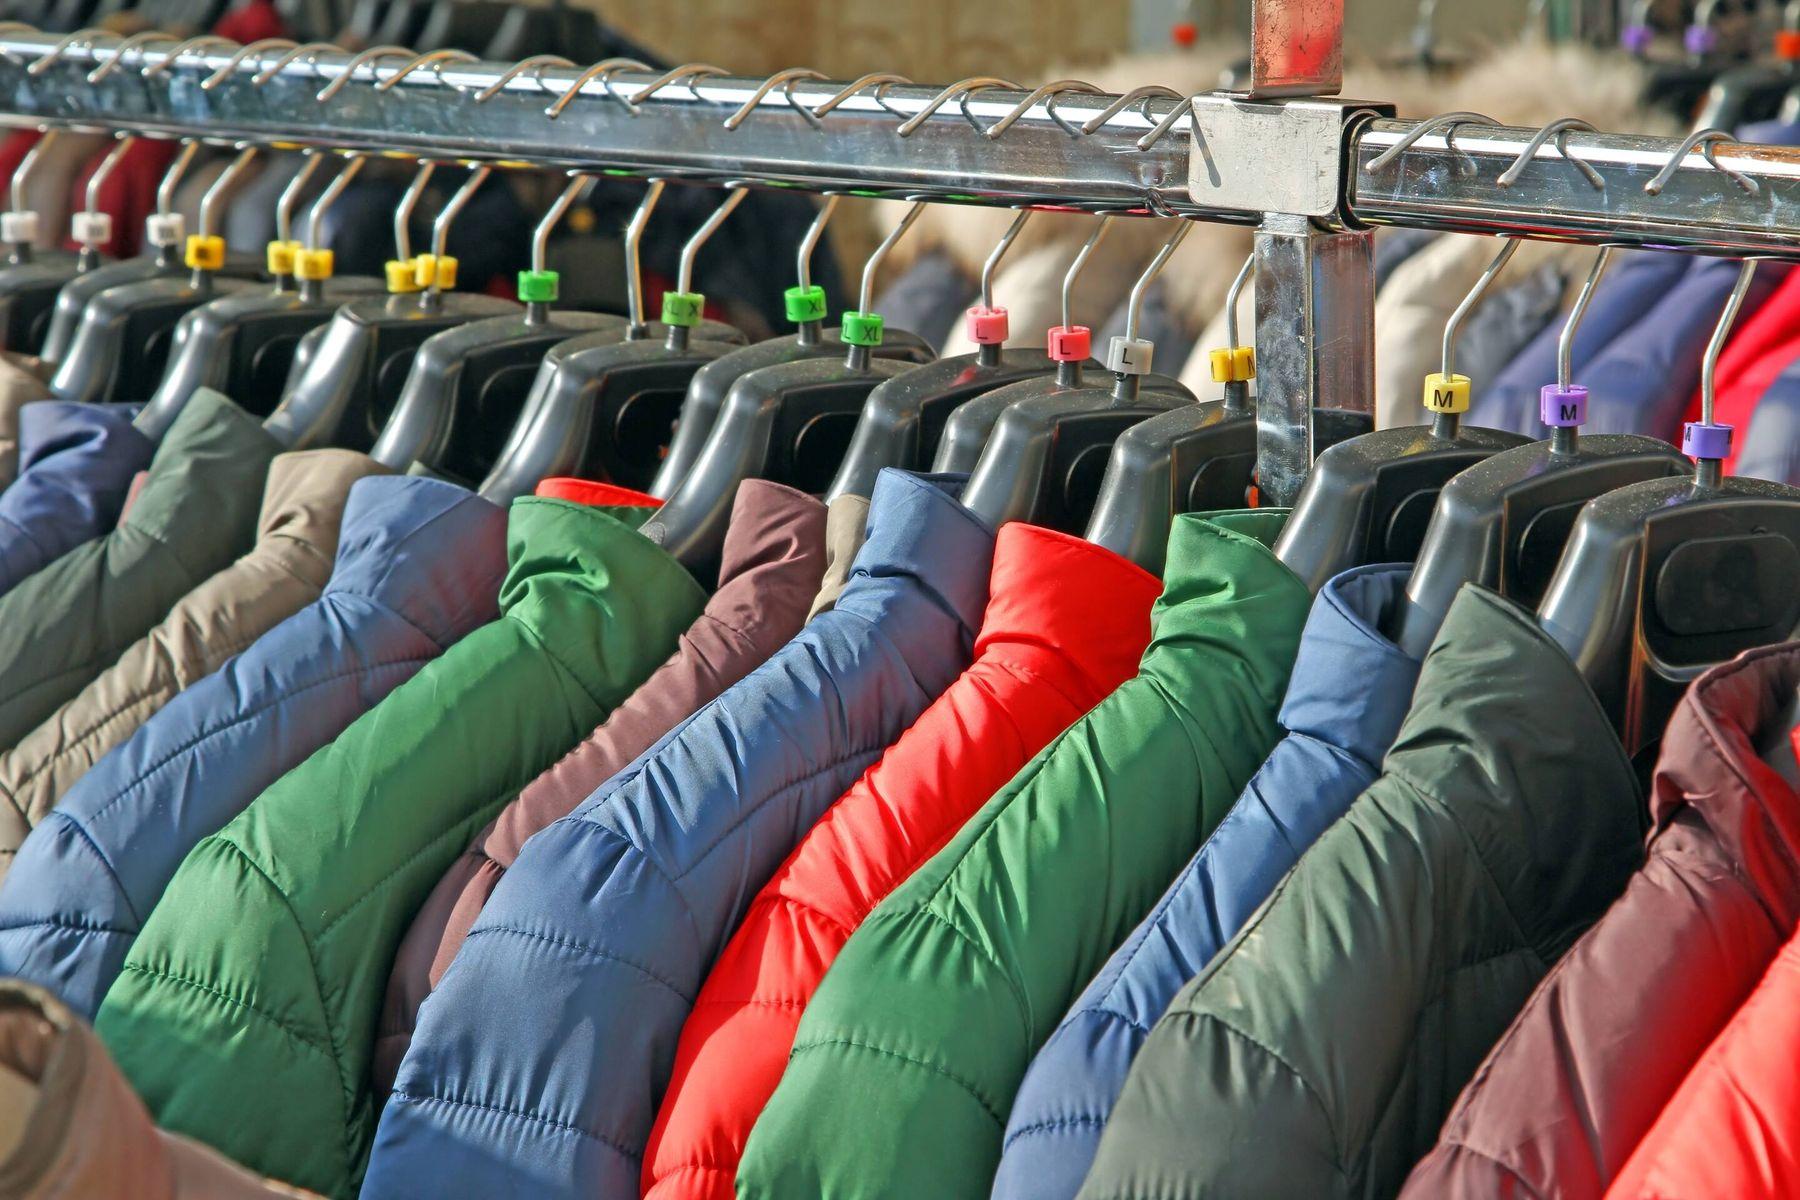 Manteaux colorés dans une armoire